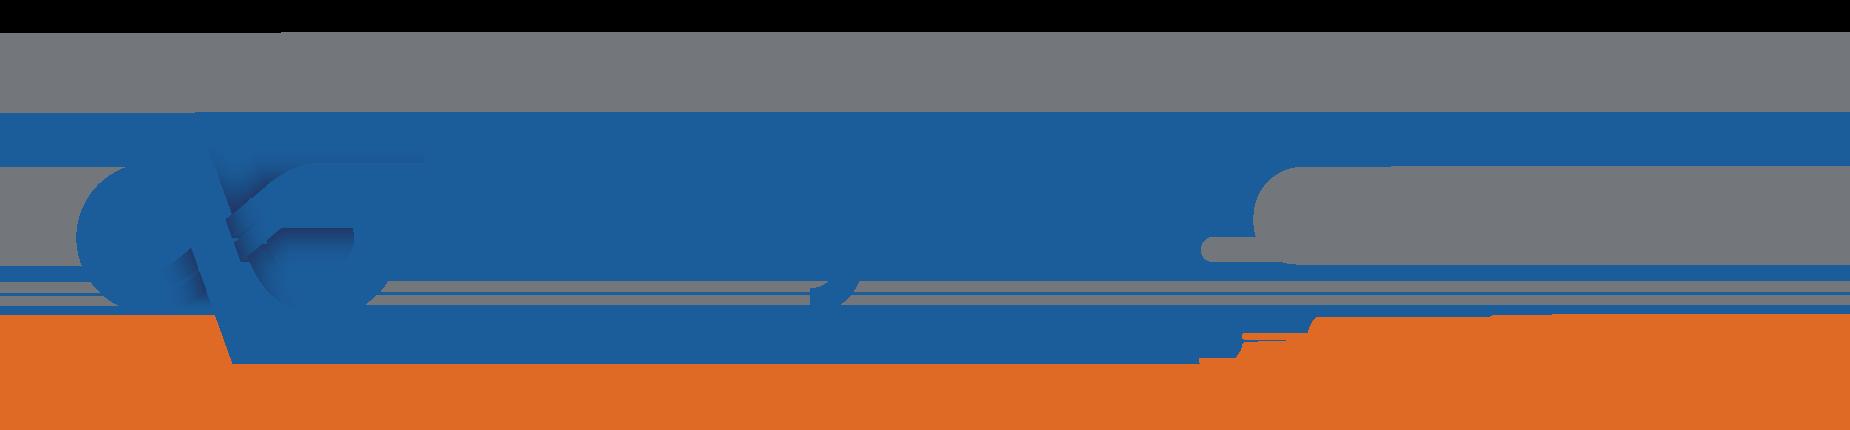 basiljobs-new-logo